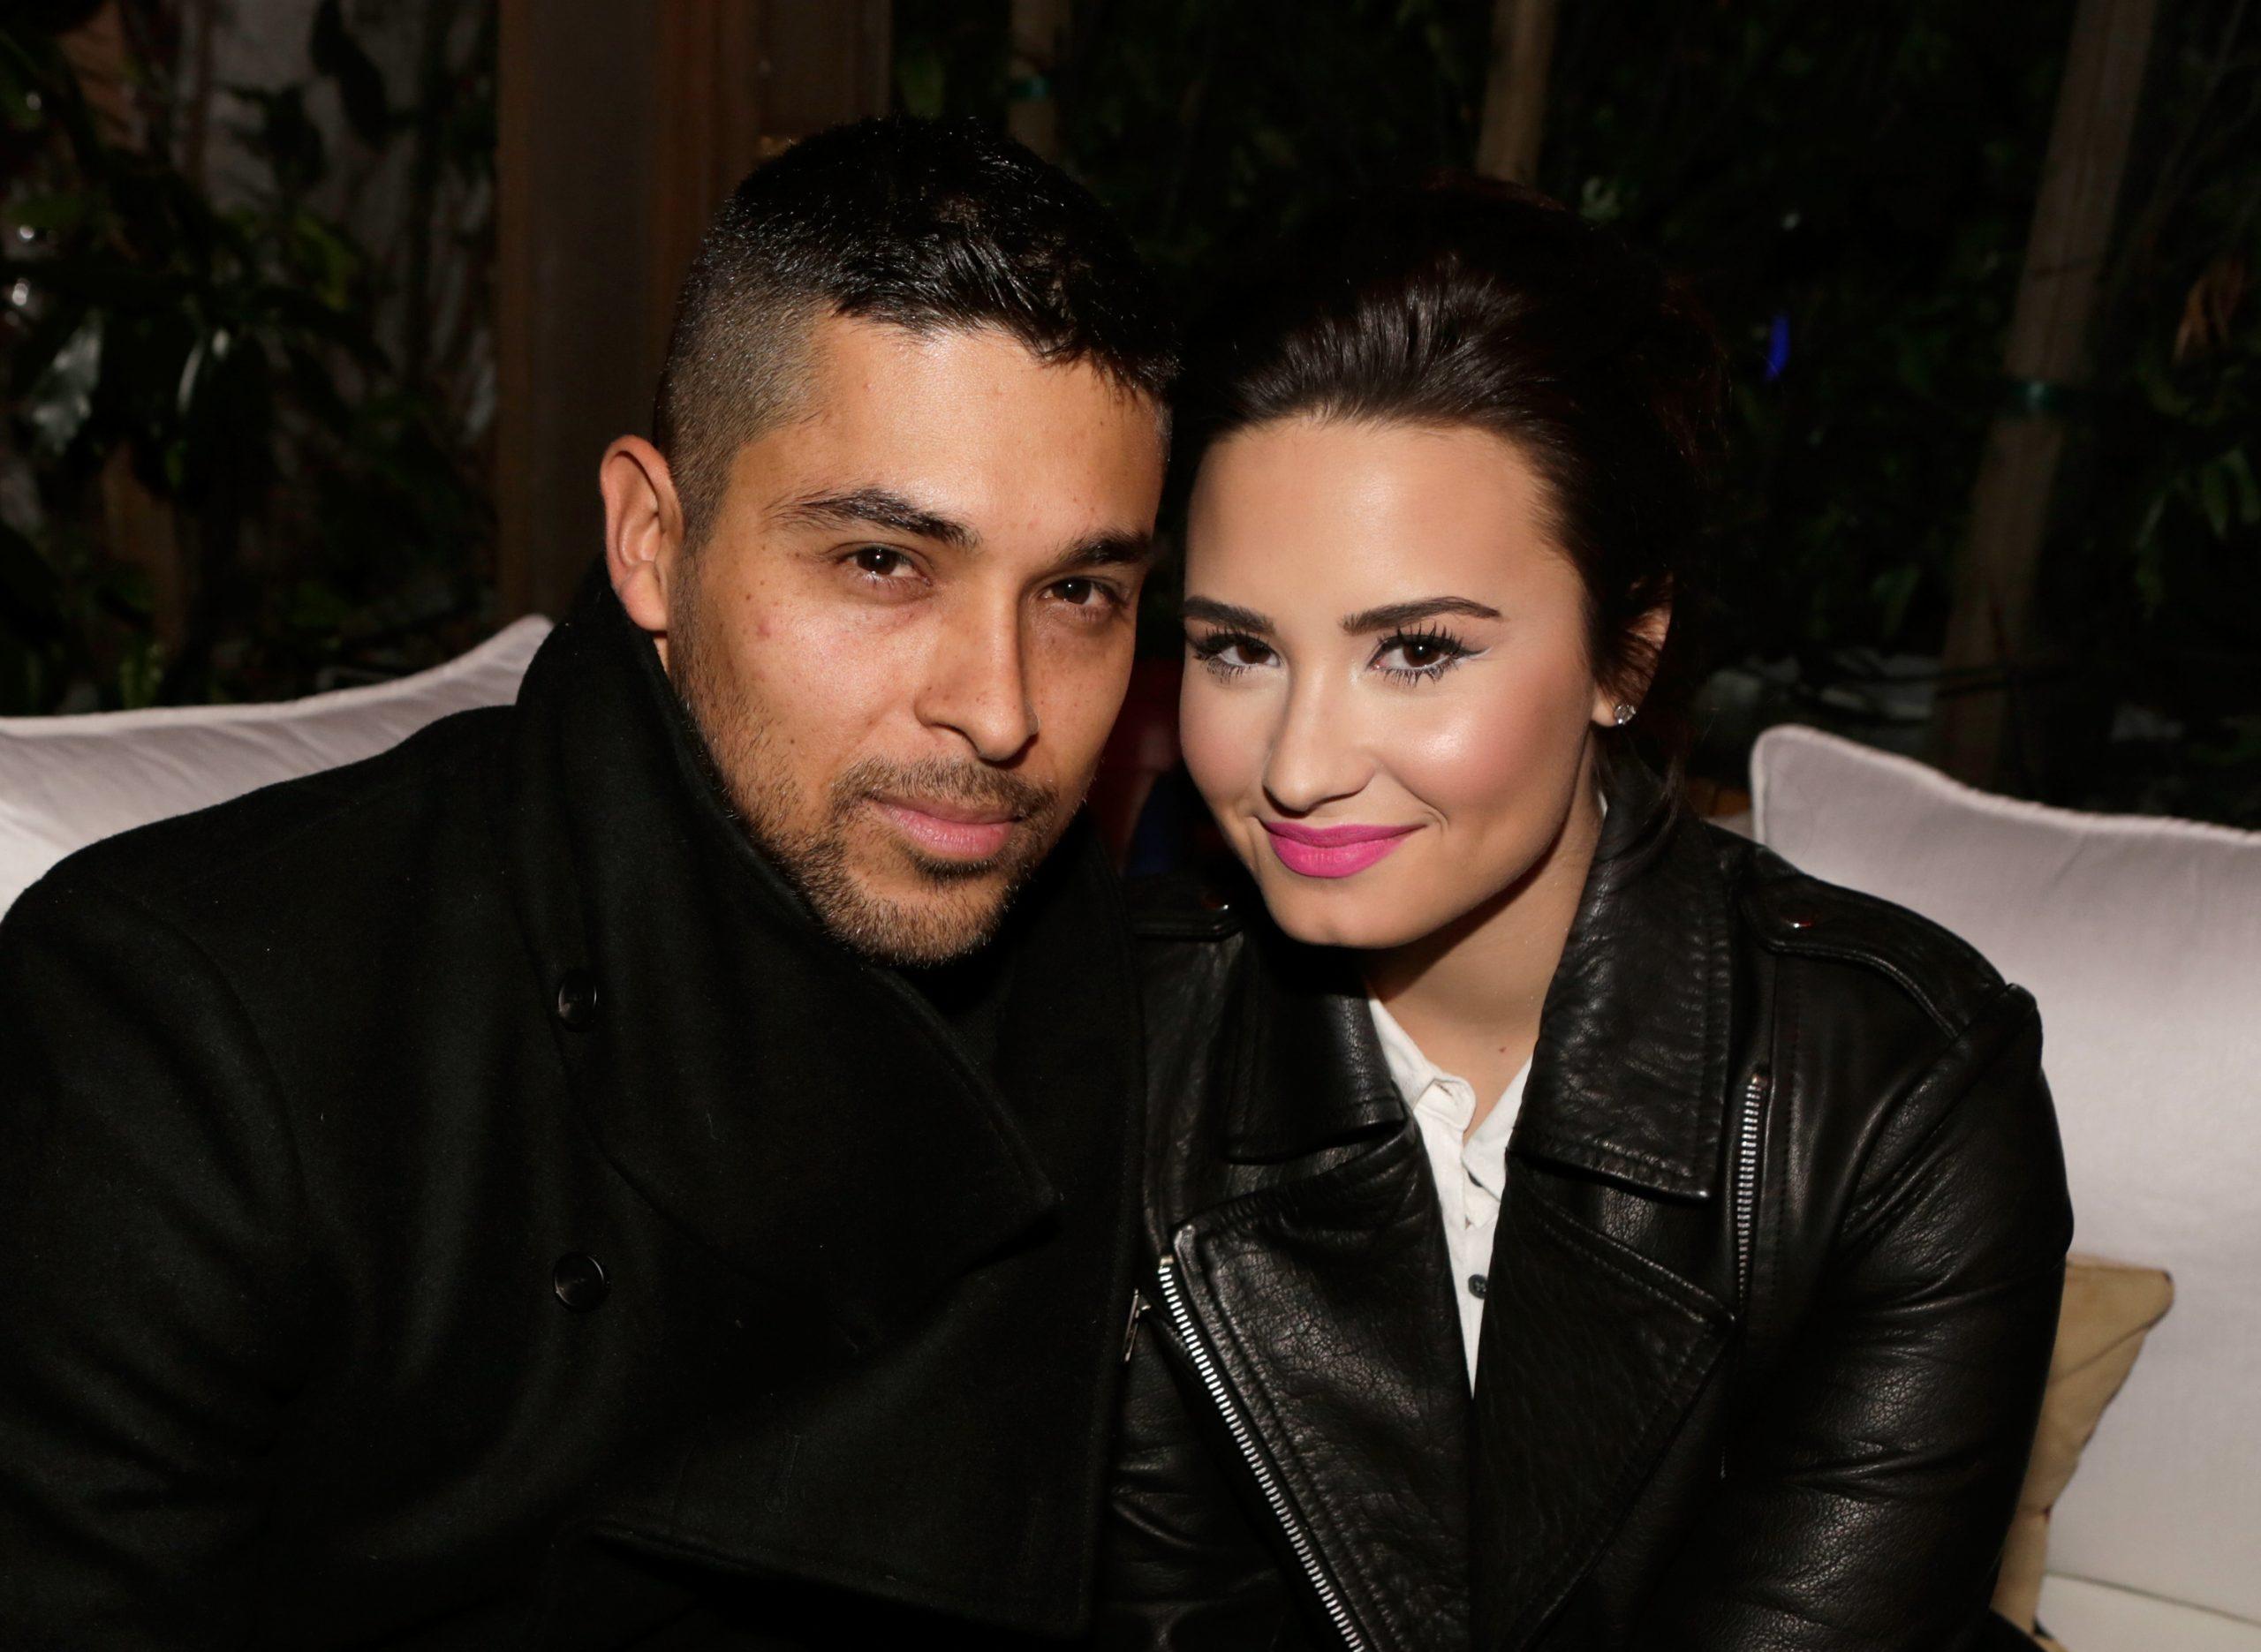 Actor Wilmer Valderrama (L) and singer Demi Lovato on February 13, 2013